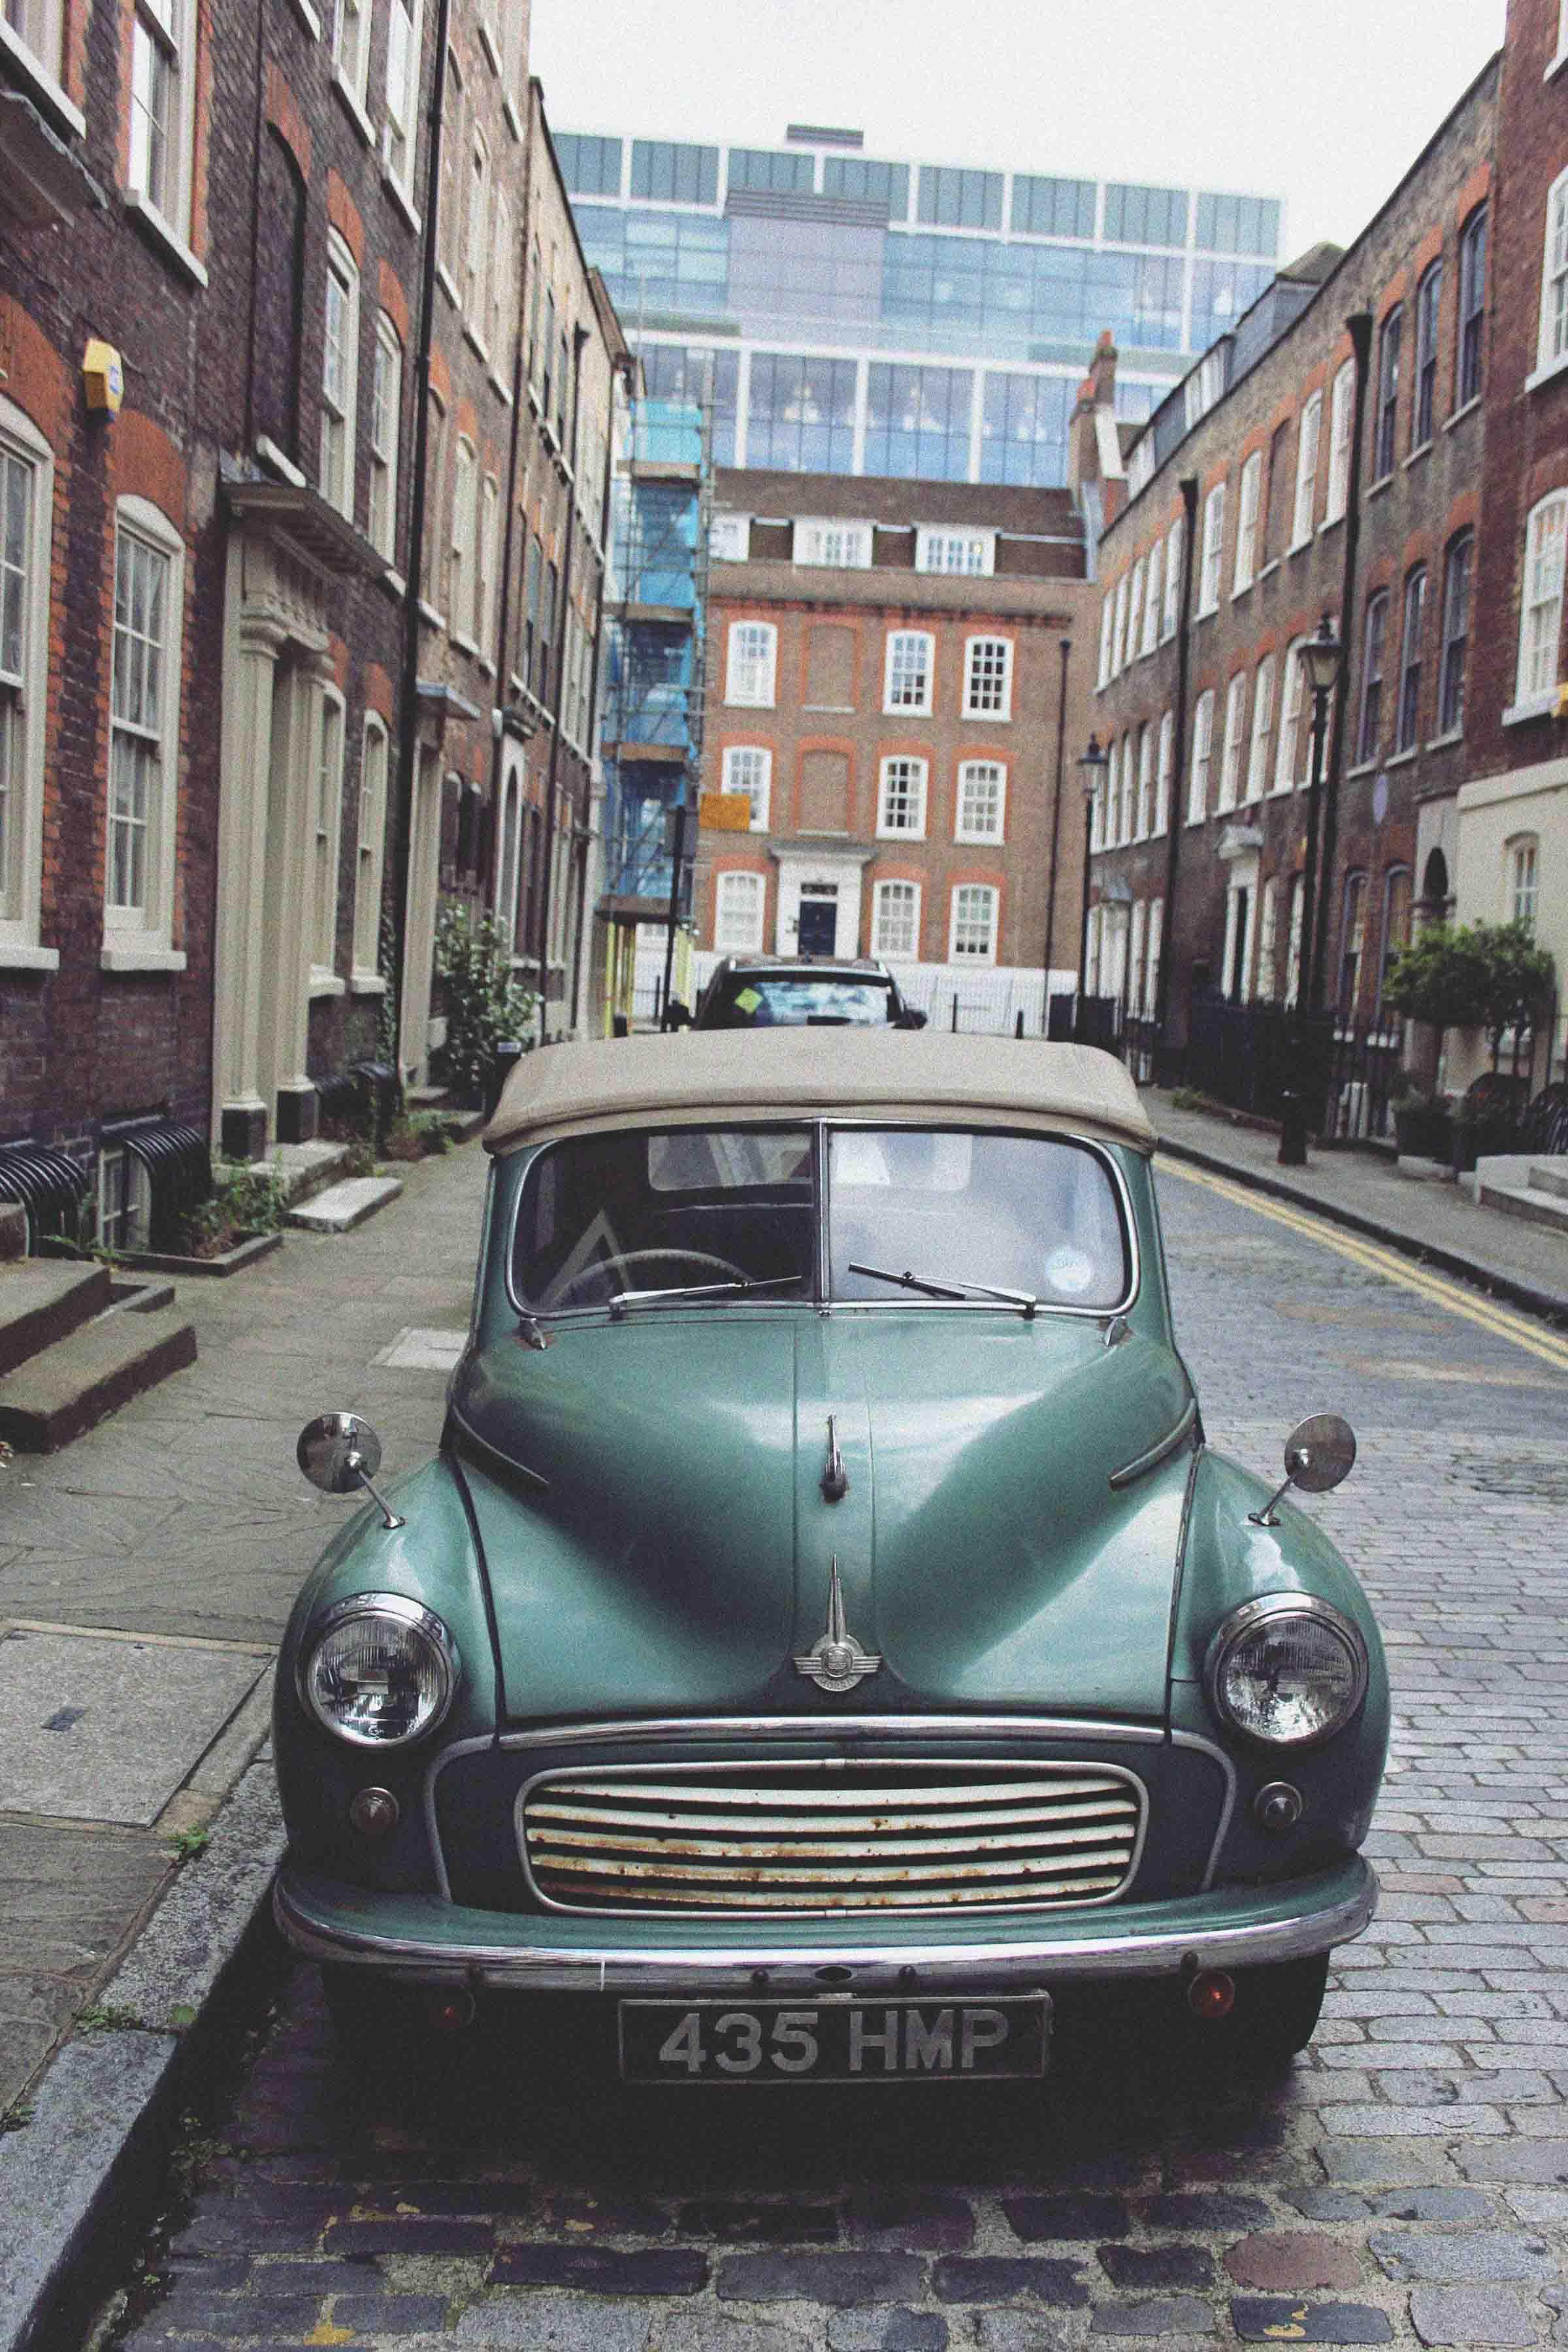 Jordan_Bunker_day_trip_to_London_12.jpg